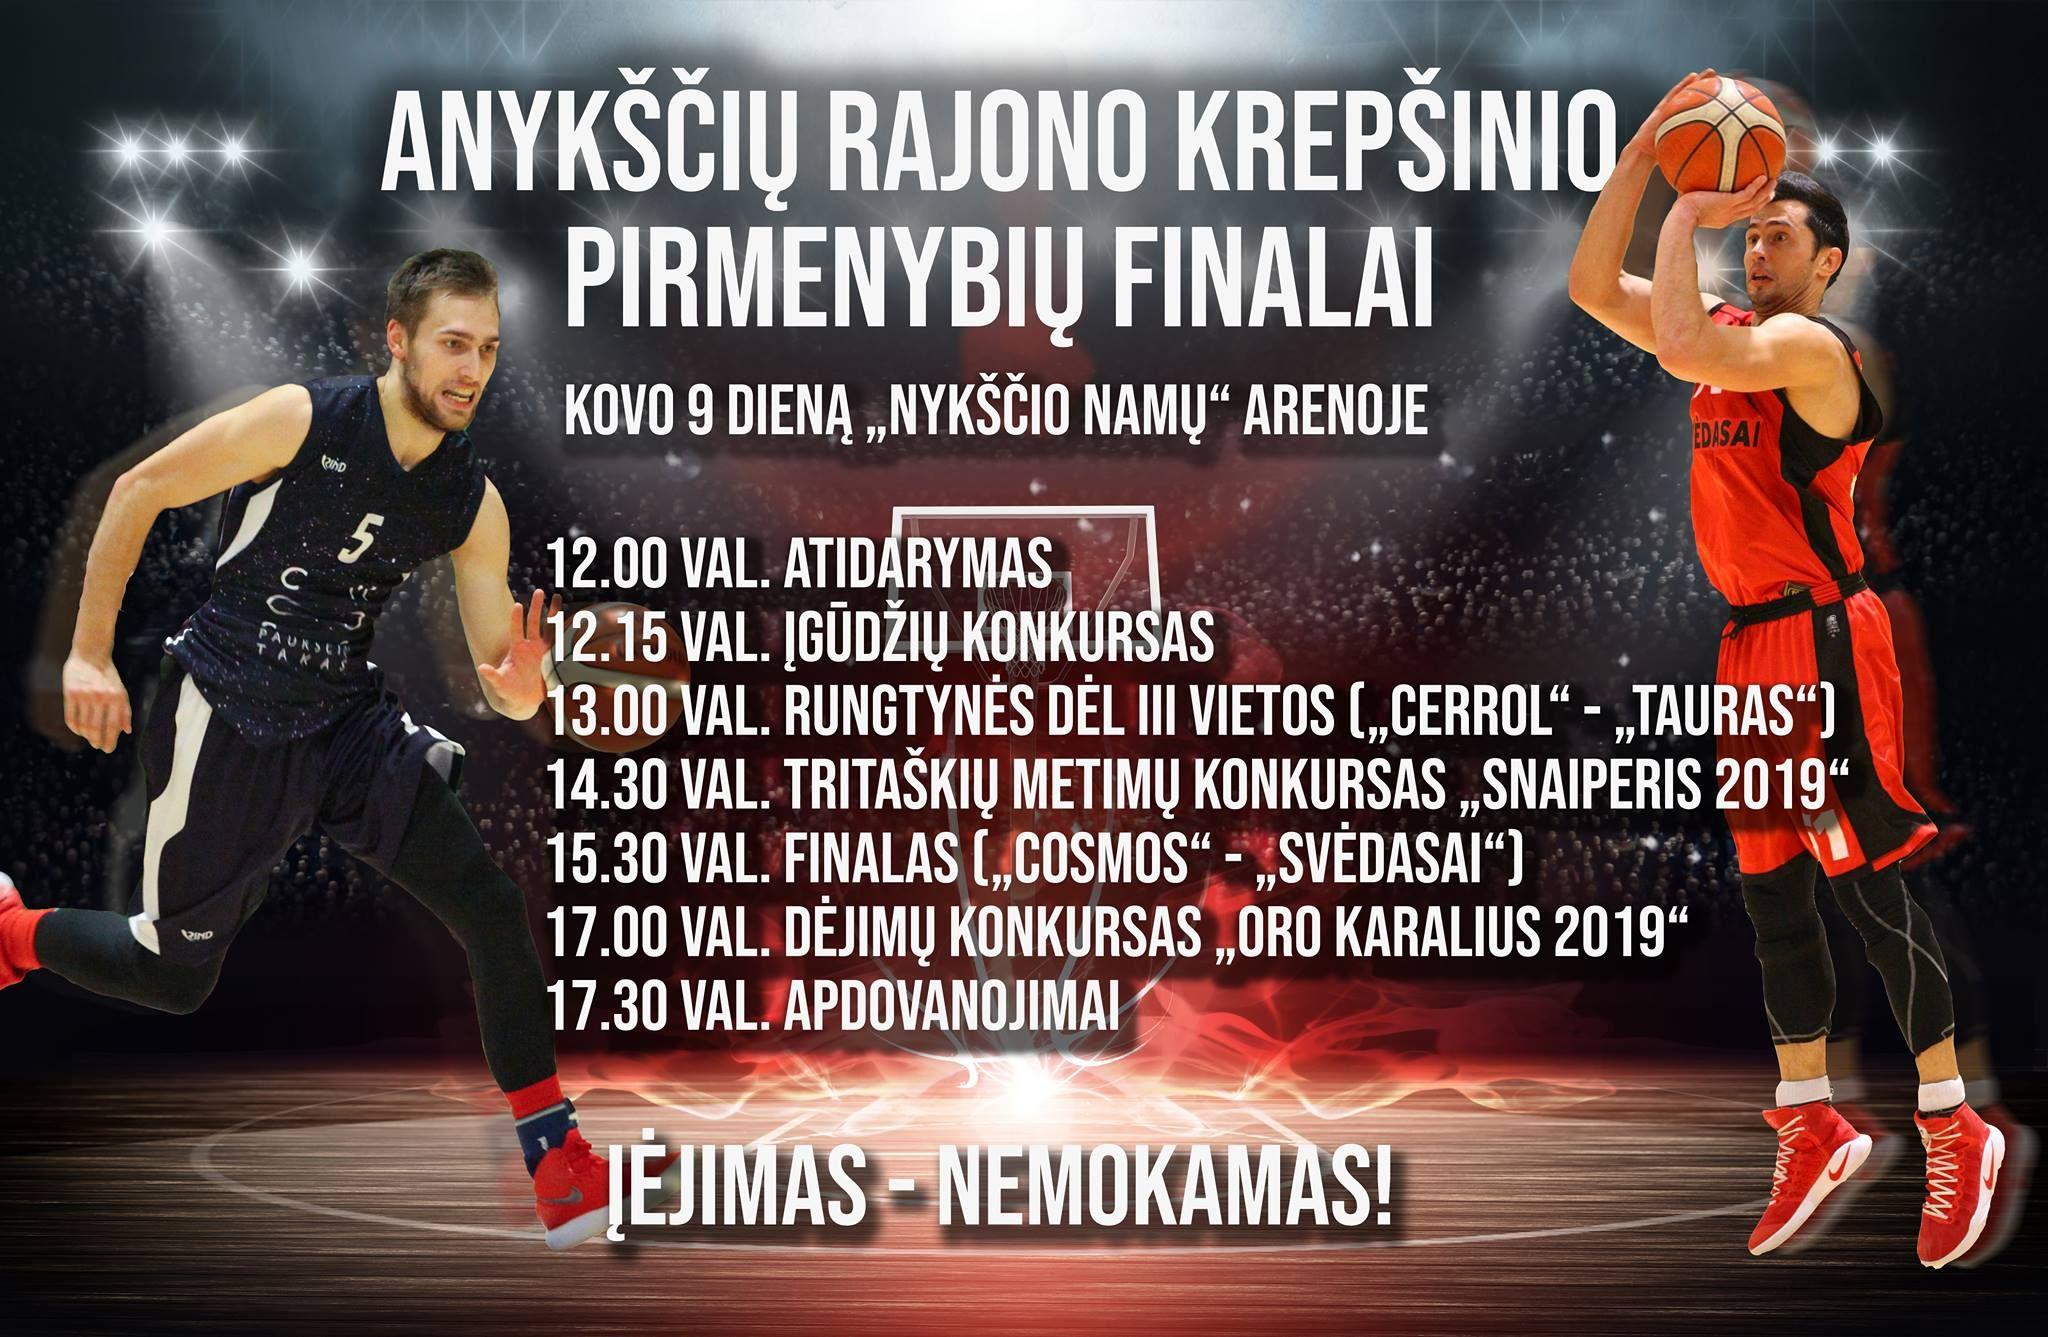 ARKL pirmenybių finalai